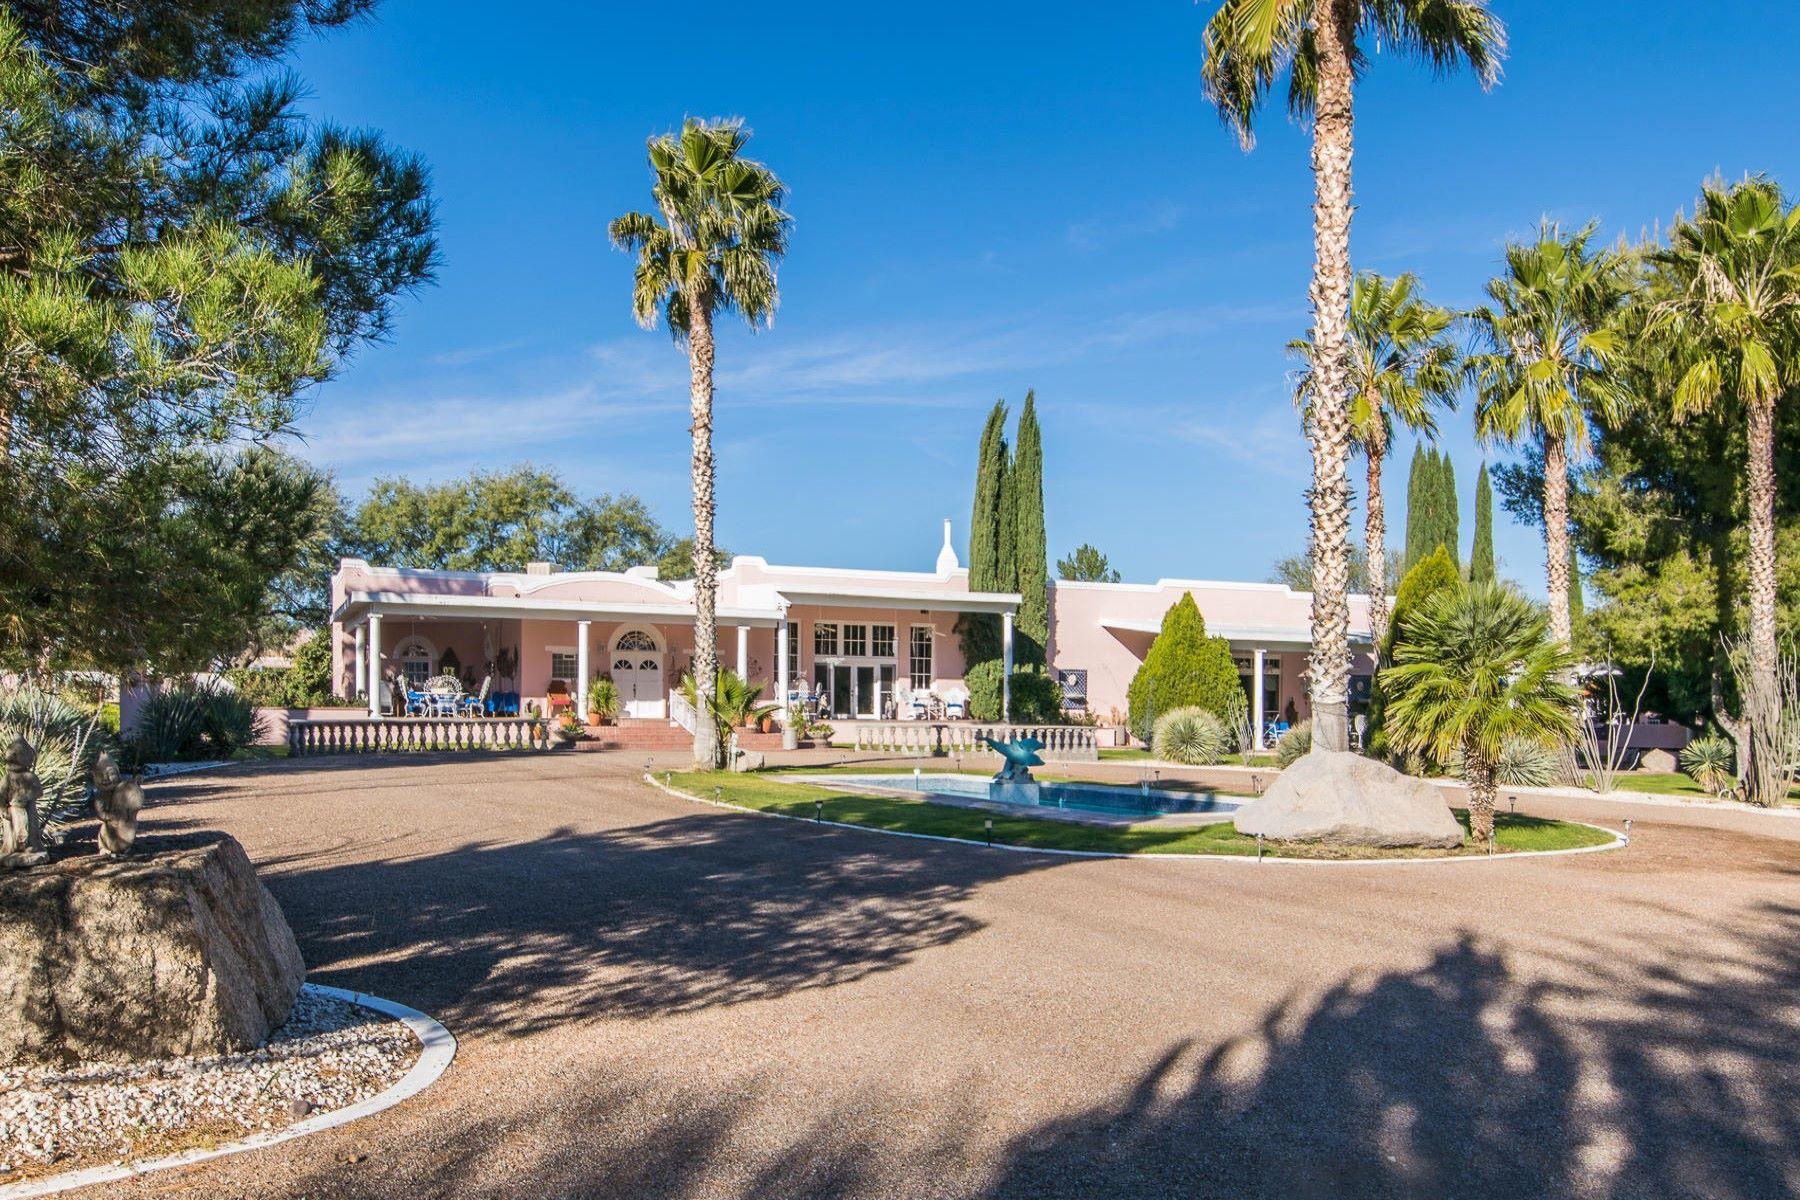 단독 가정 주택 용 매매 에 Fabled Amado Schoolhouse transformed into an extraordinary private home 8 Amado Montosa Rd Amado, 아리조나, 85645 미국